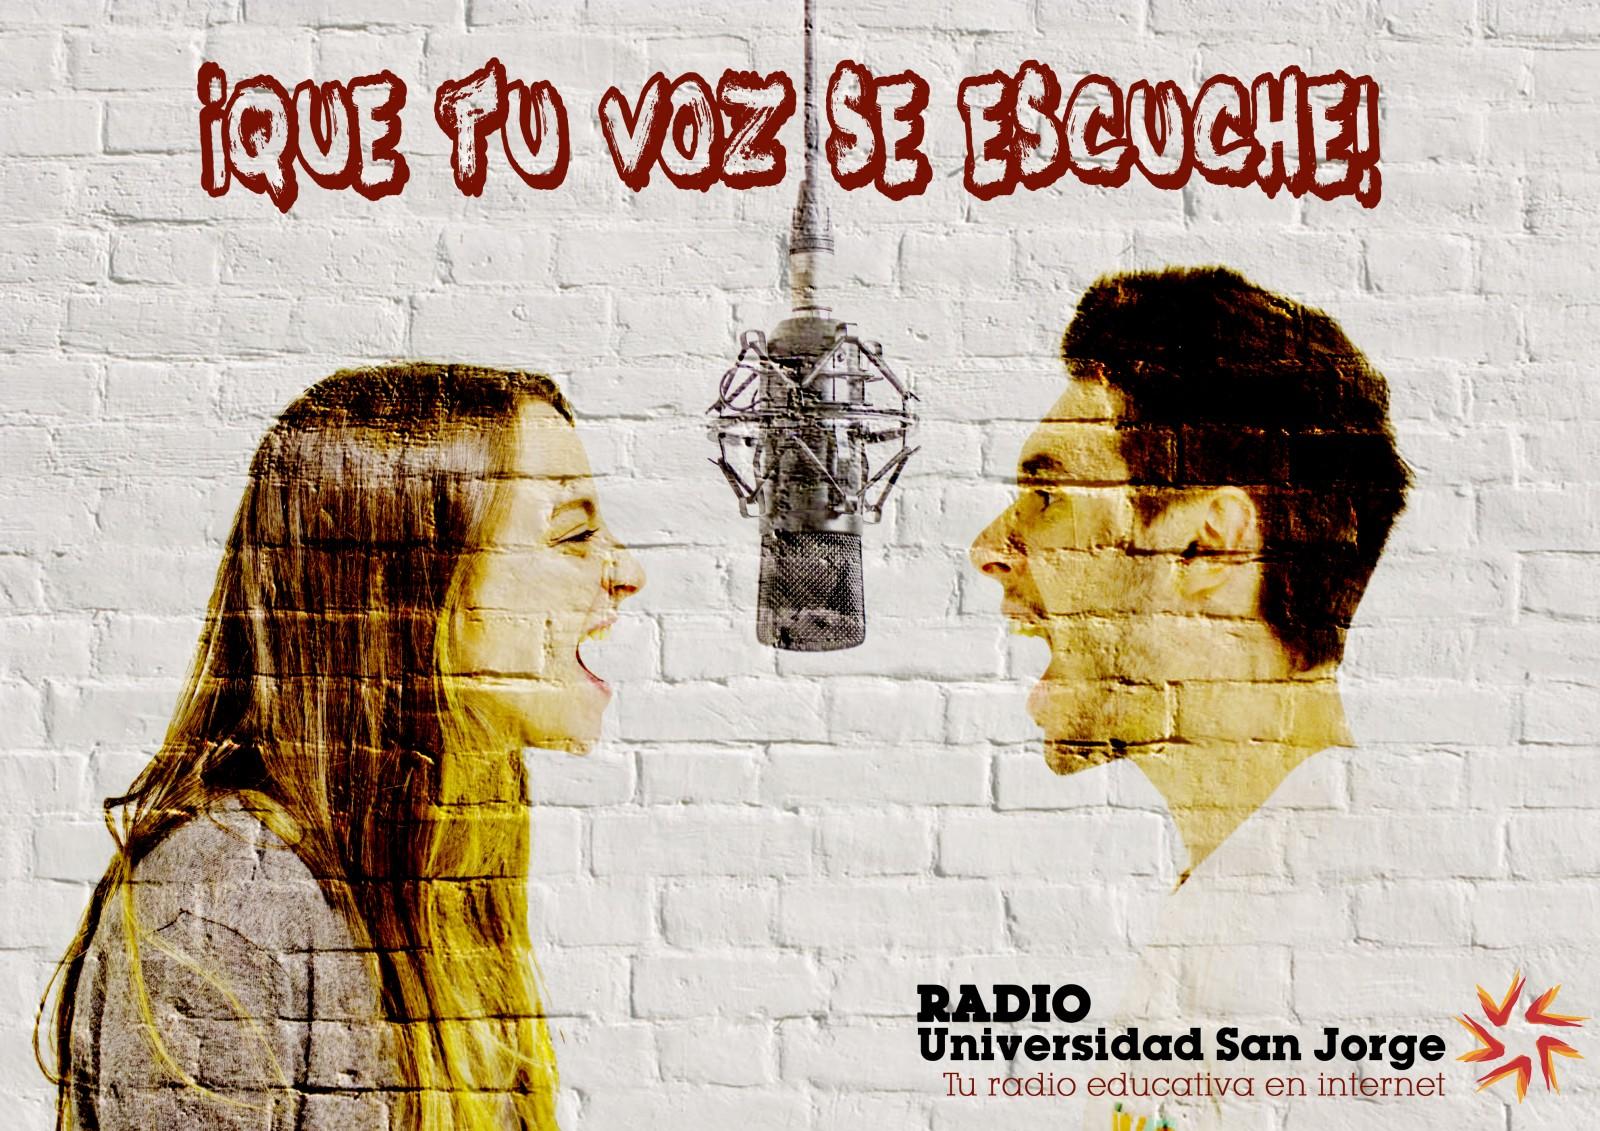 En la fotografía aparecen los dos conductores del programa de radio frente a un micrófono. Dragón digital. Isabel González (a la izquierda) y Nicolás Bonet (a la derecha).